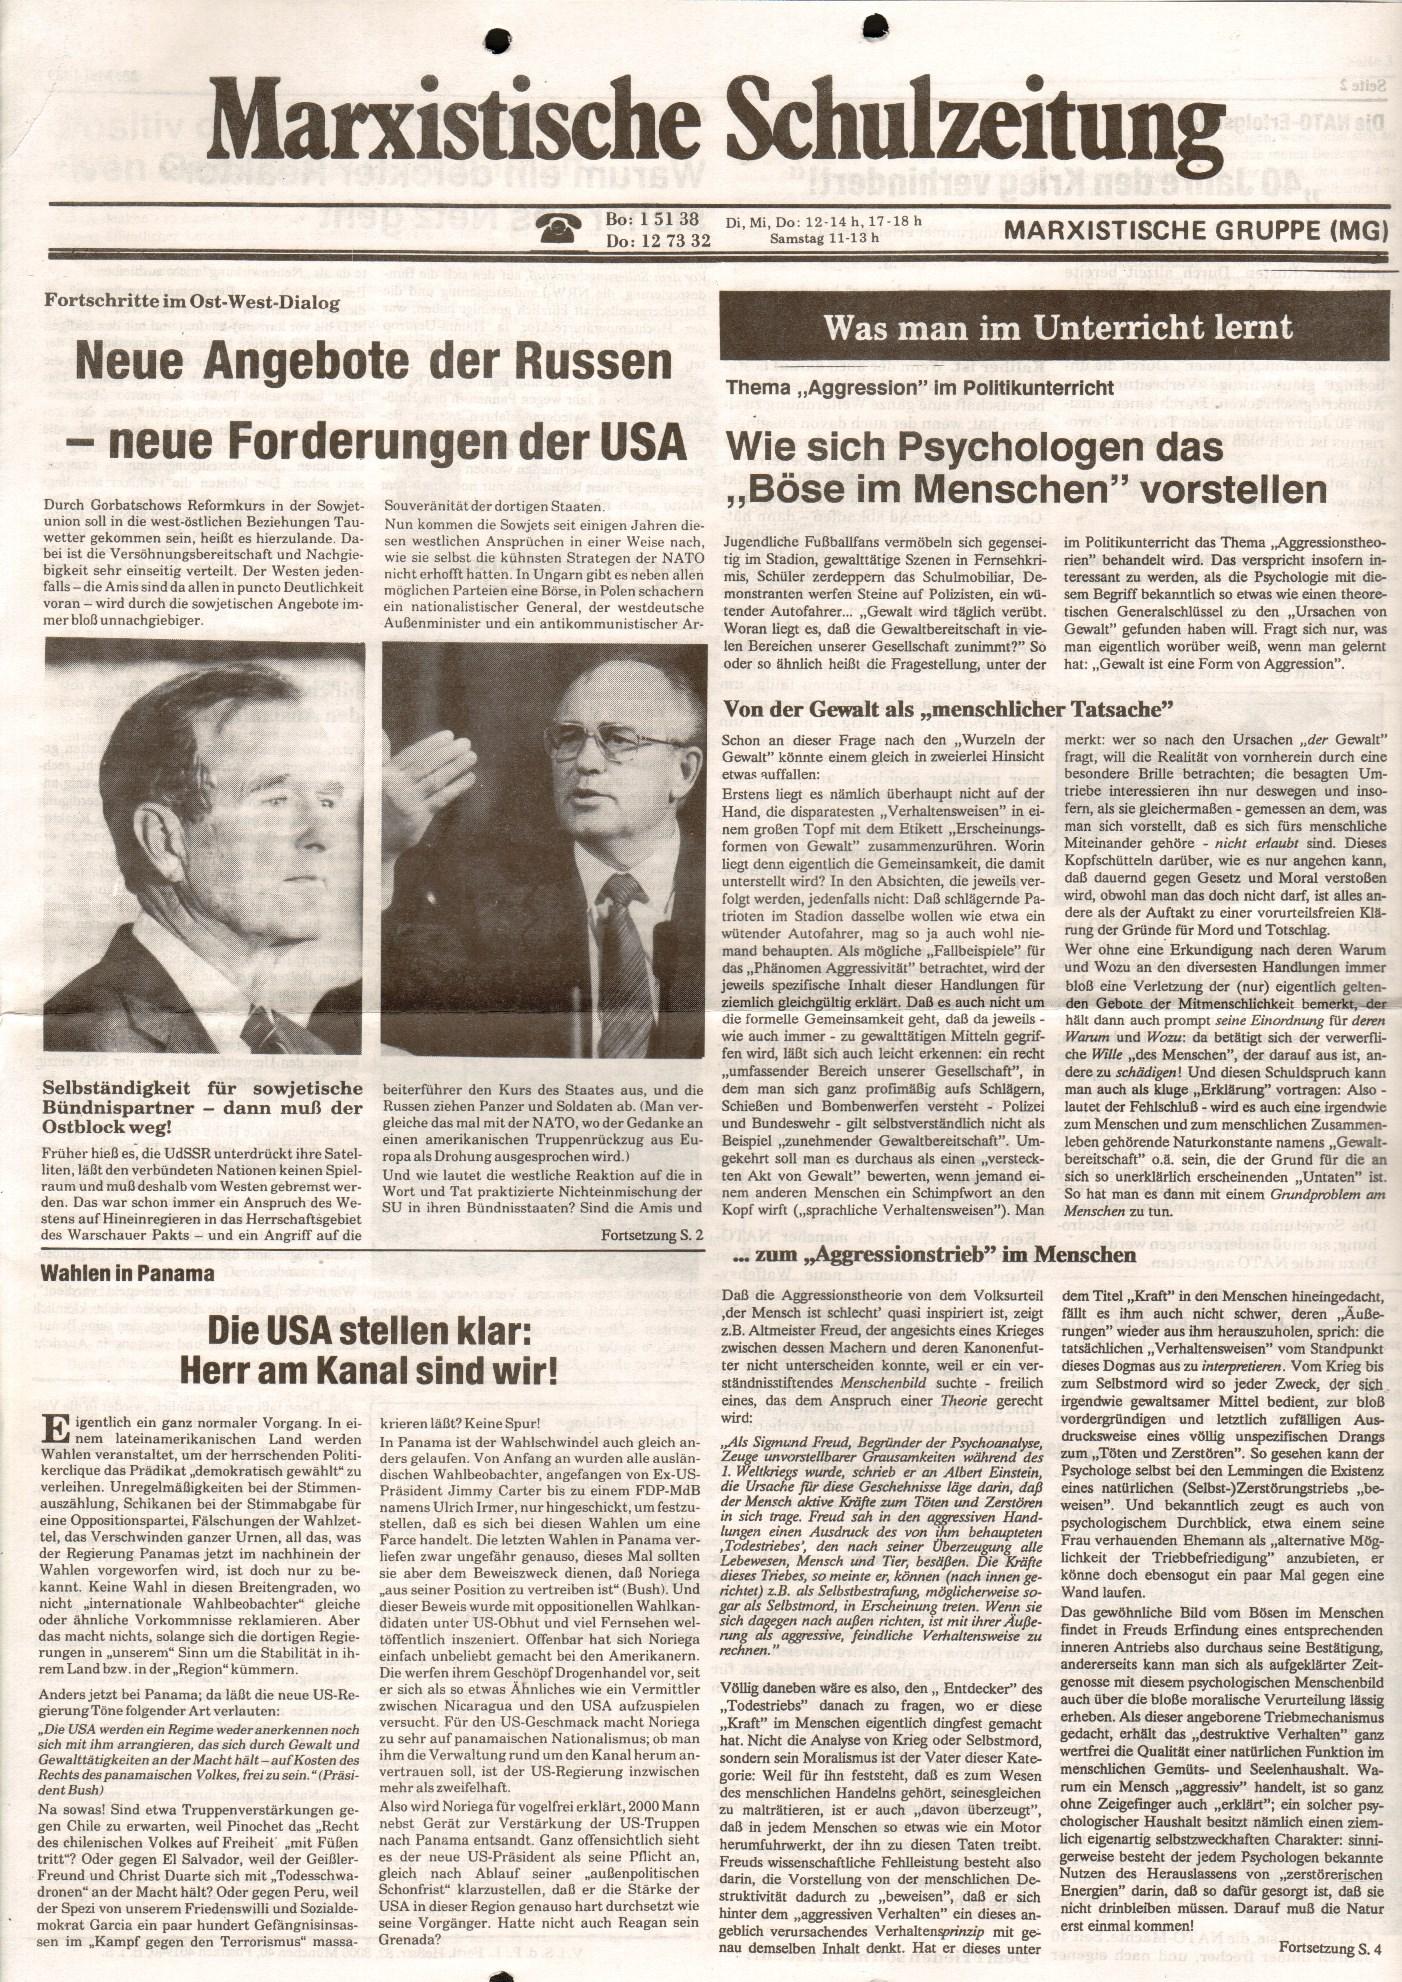 Ruhrgebiet_MG_Marxistische_Schulzeitung_19890523_01